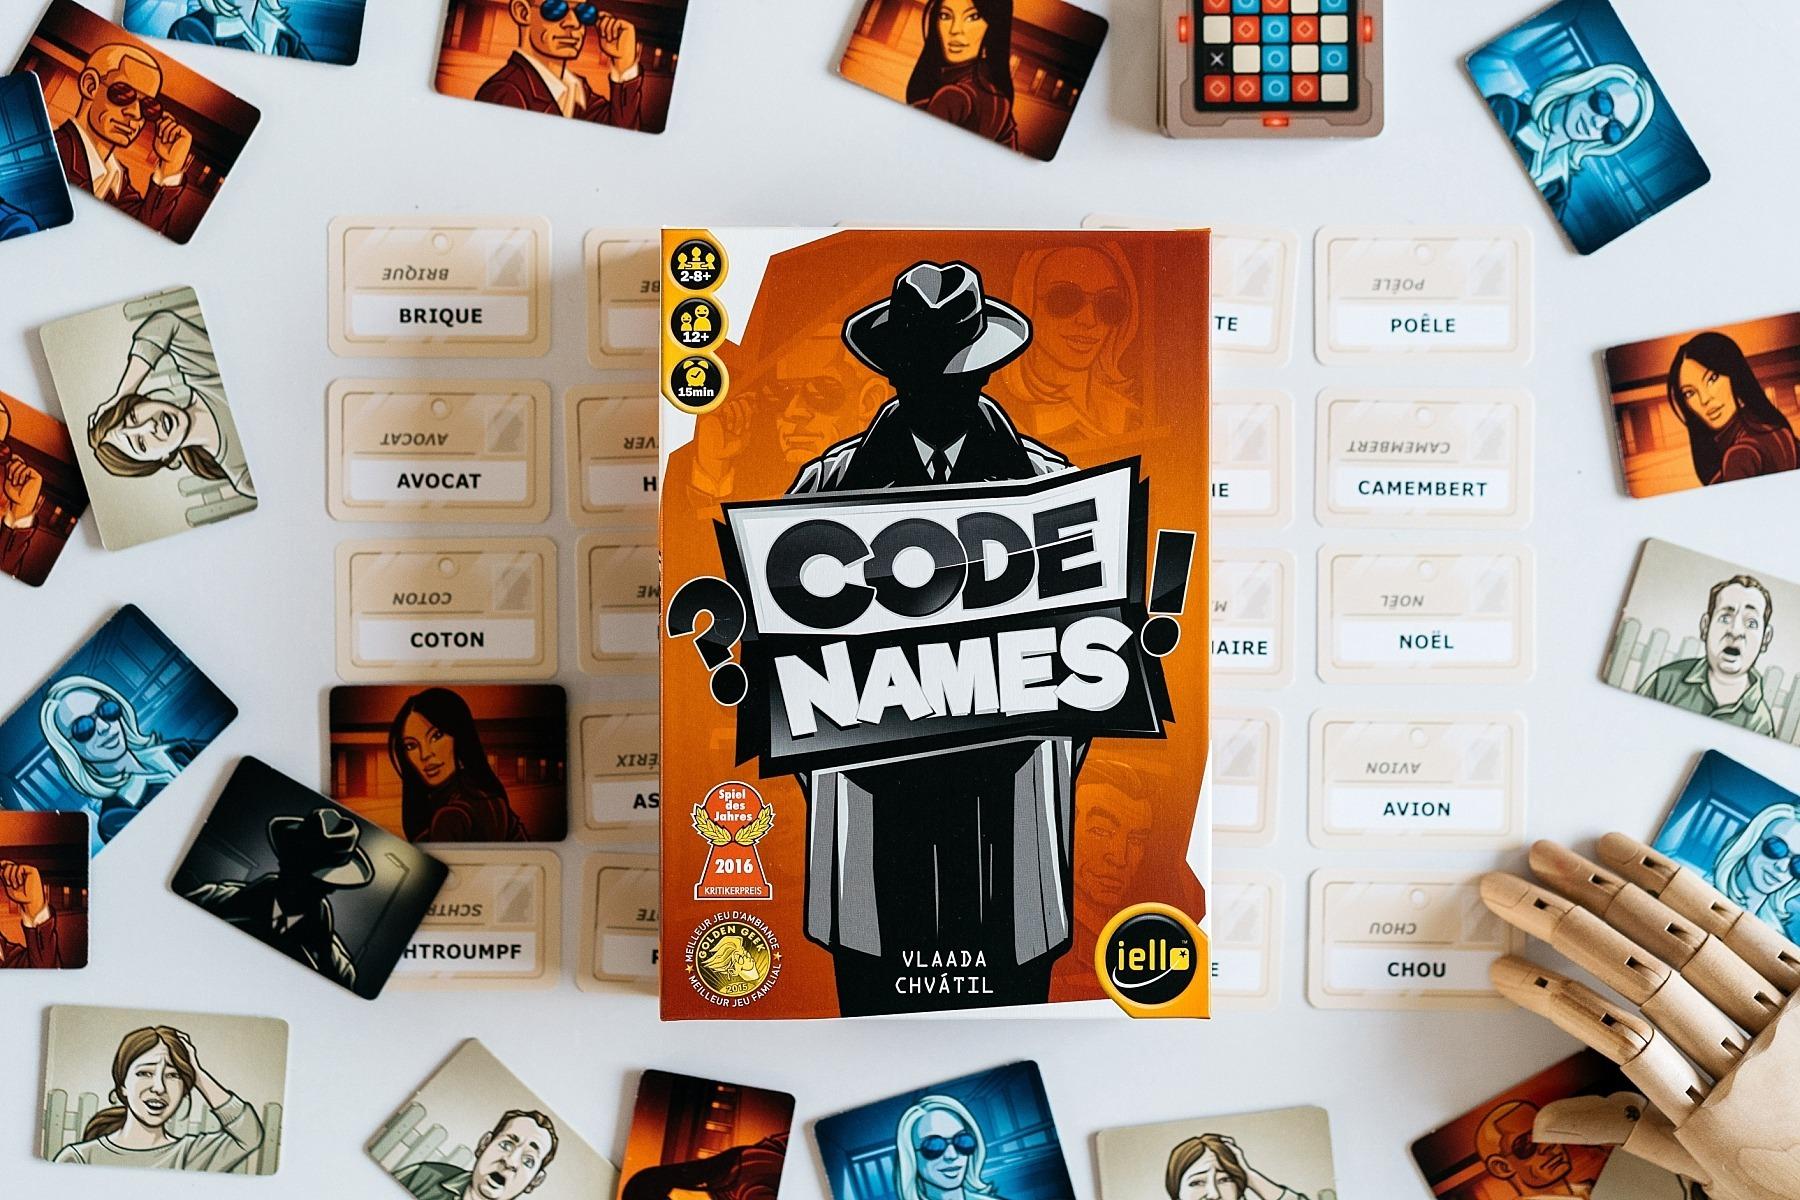 Code names Iello jeu de société